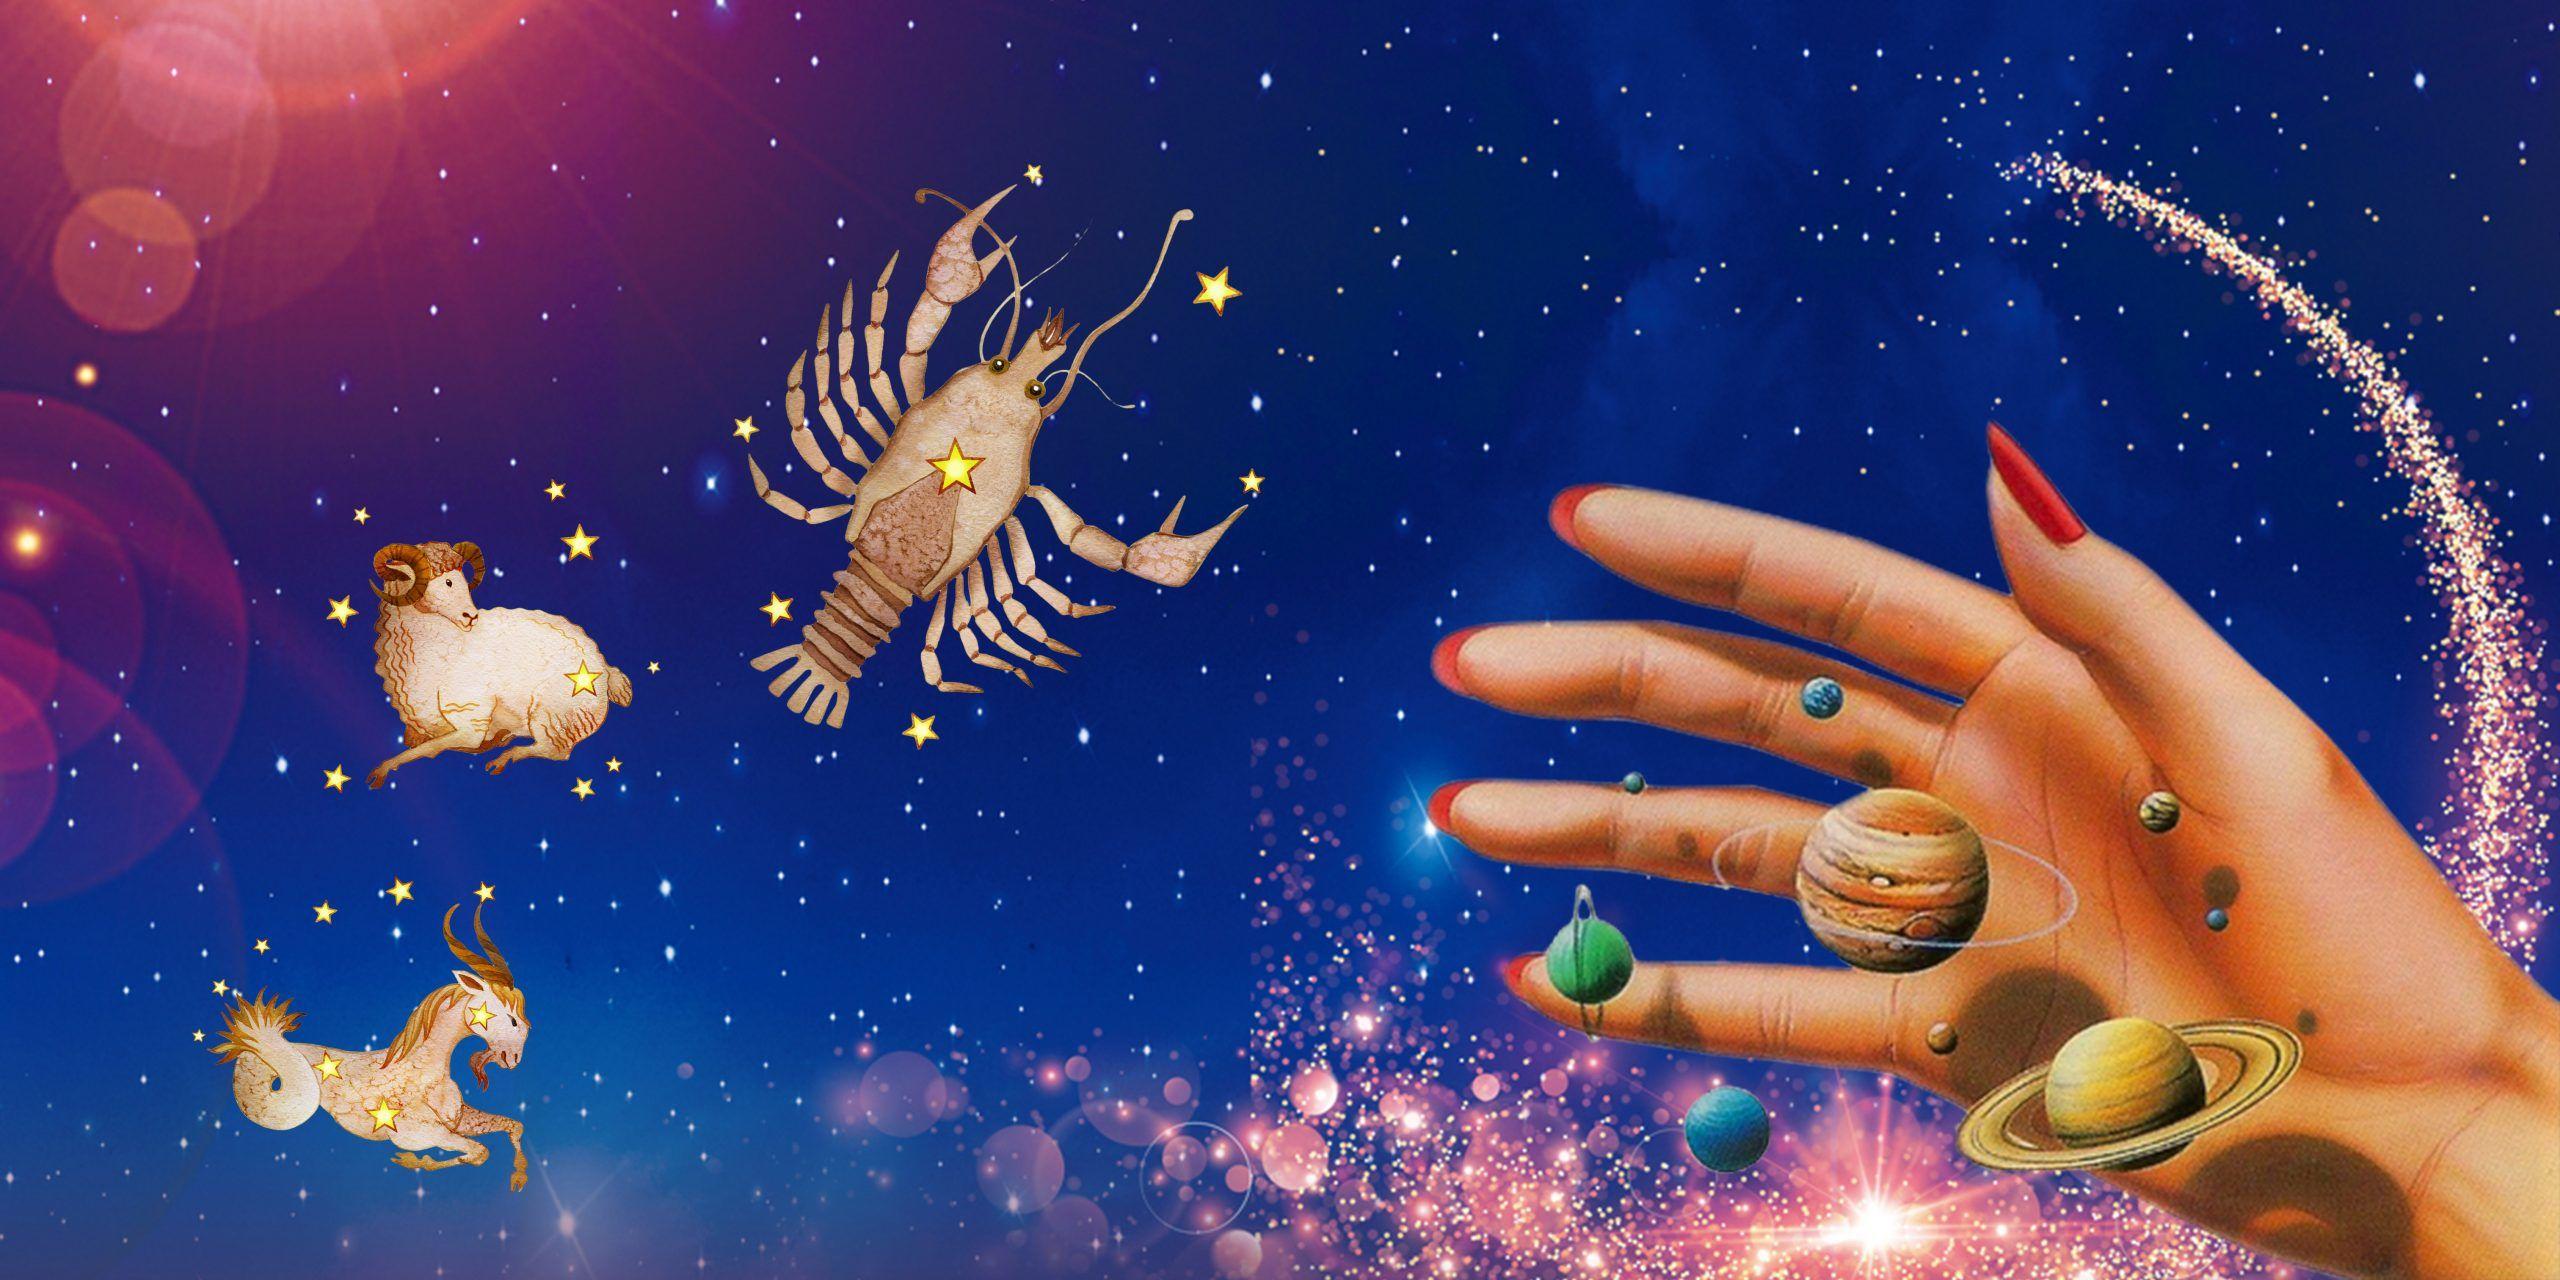 Vas zanima, kakšen je življenjski moto astroloških znamenj